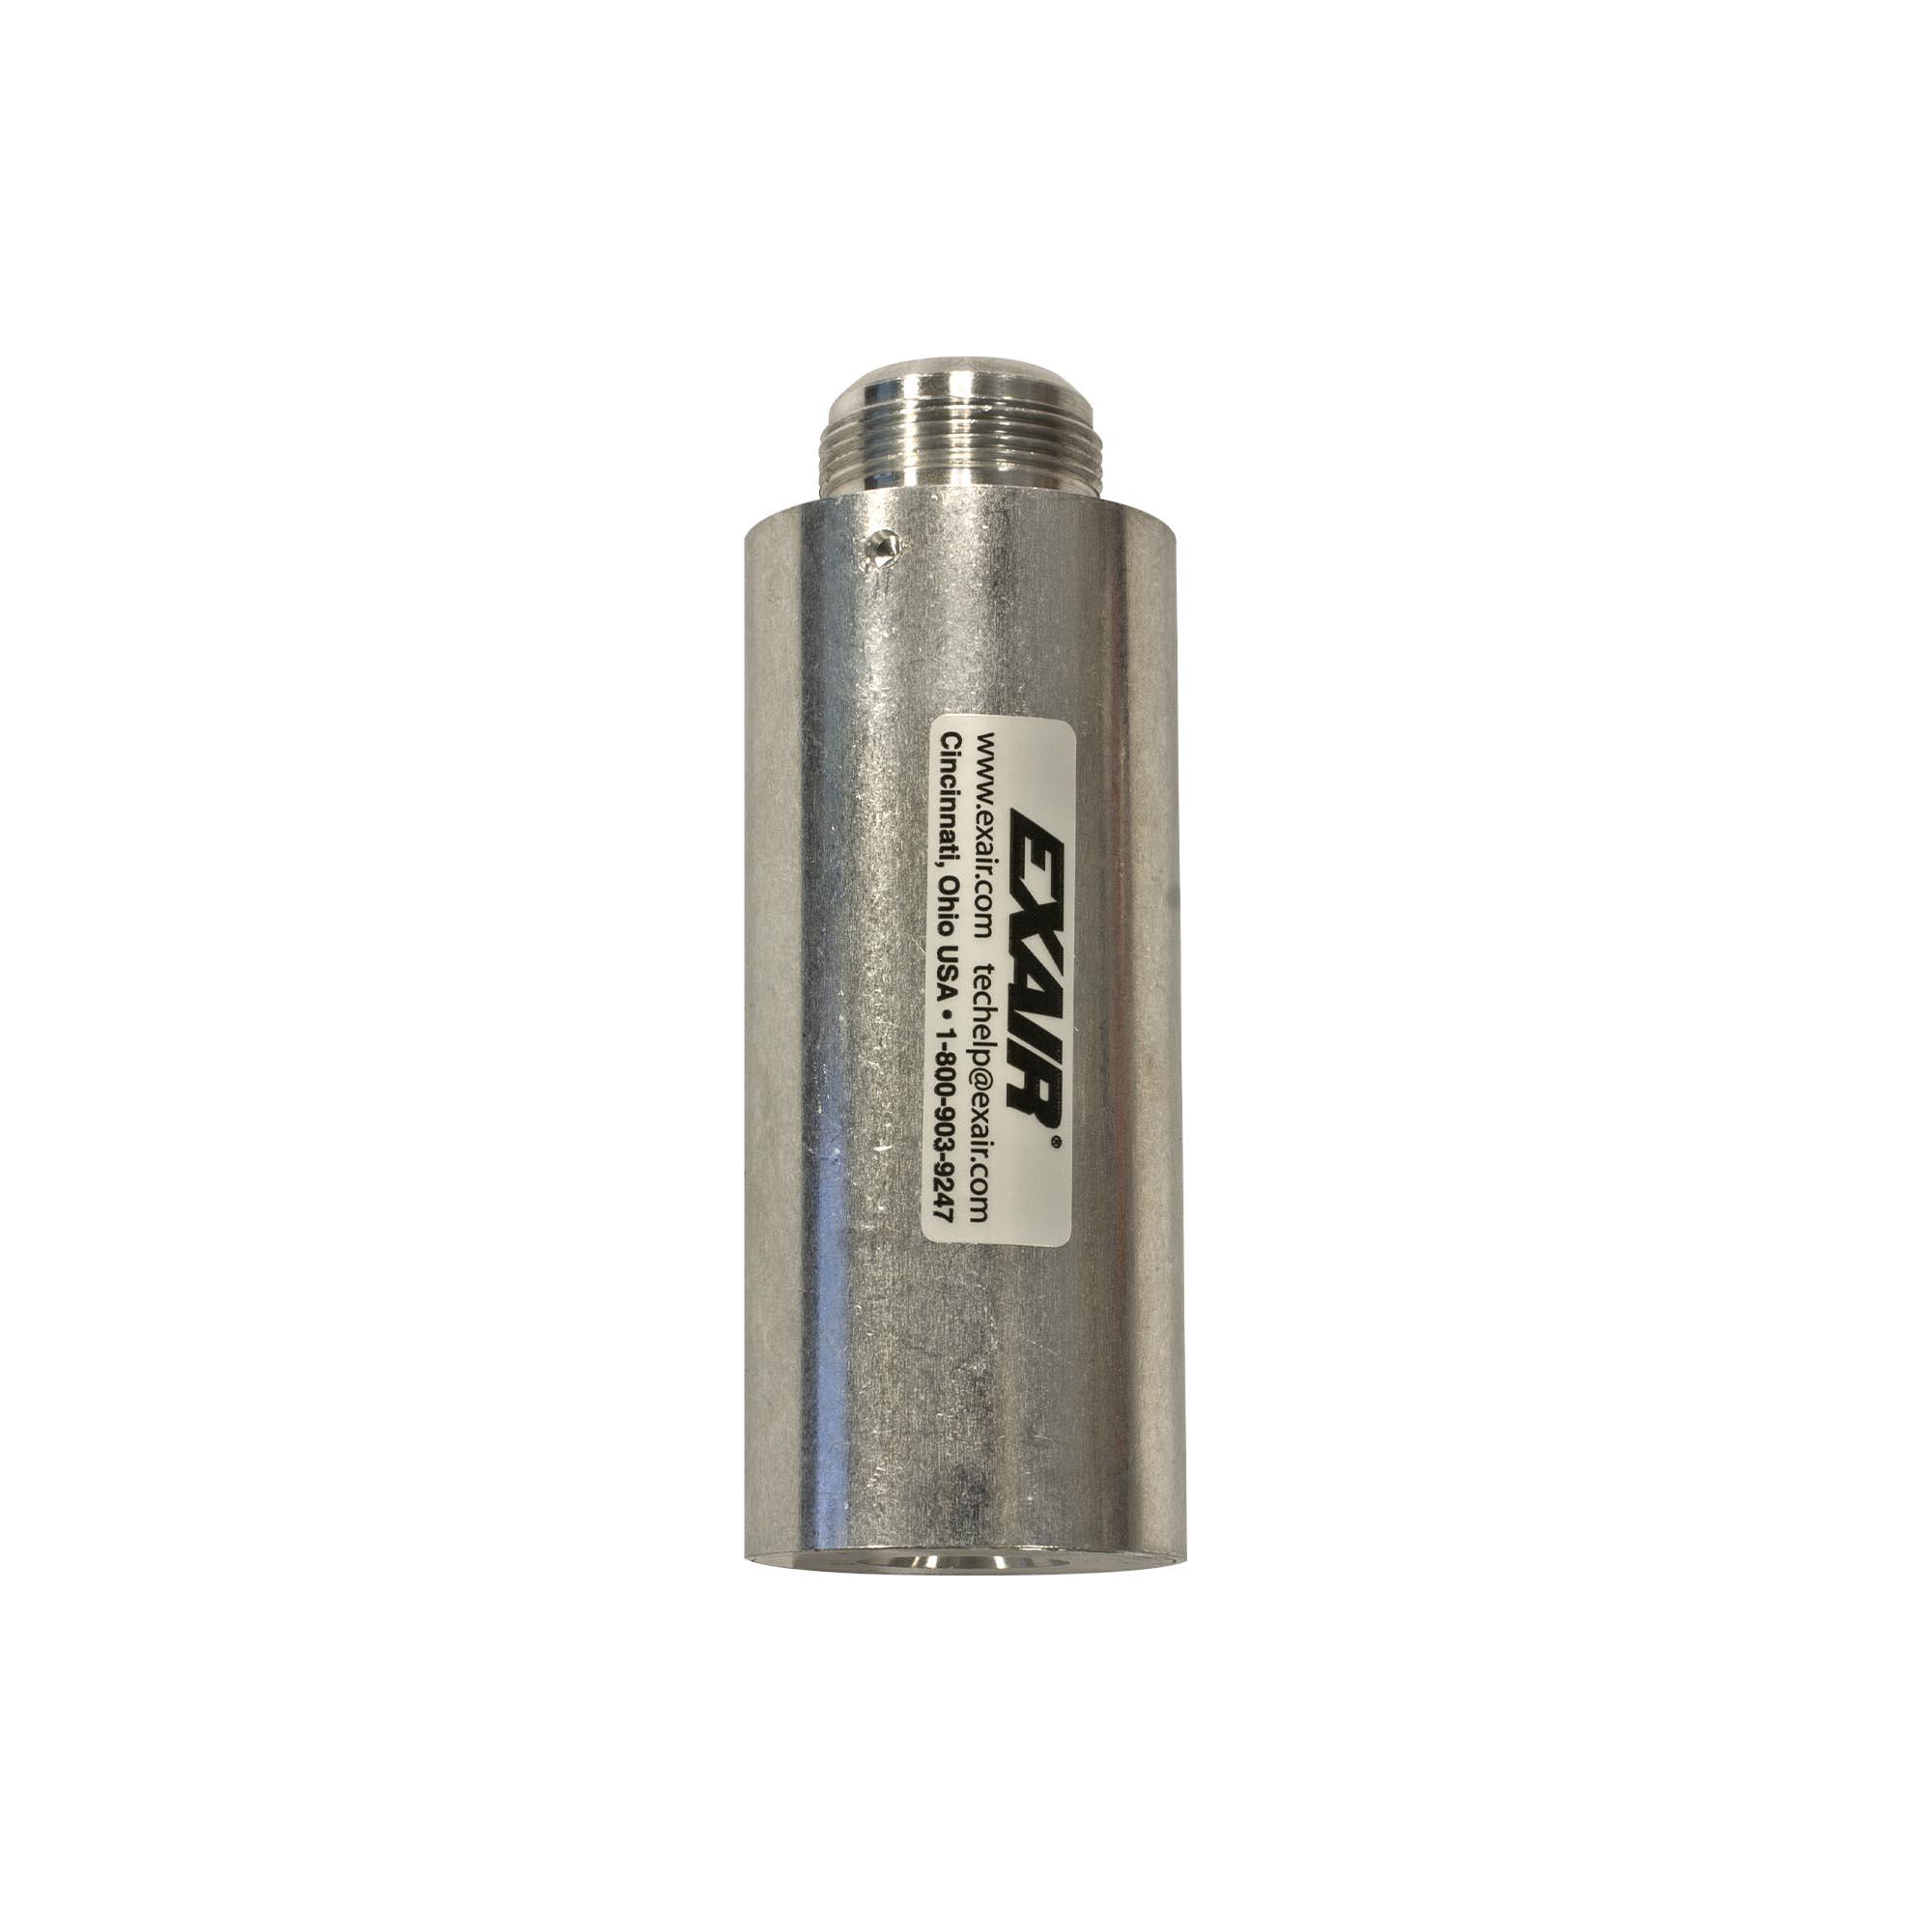 Model 3901 Cold Muffler for 10-40 SCFM